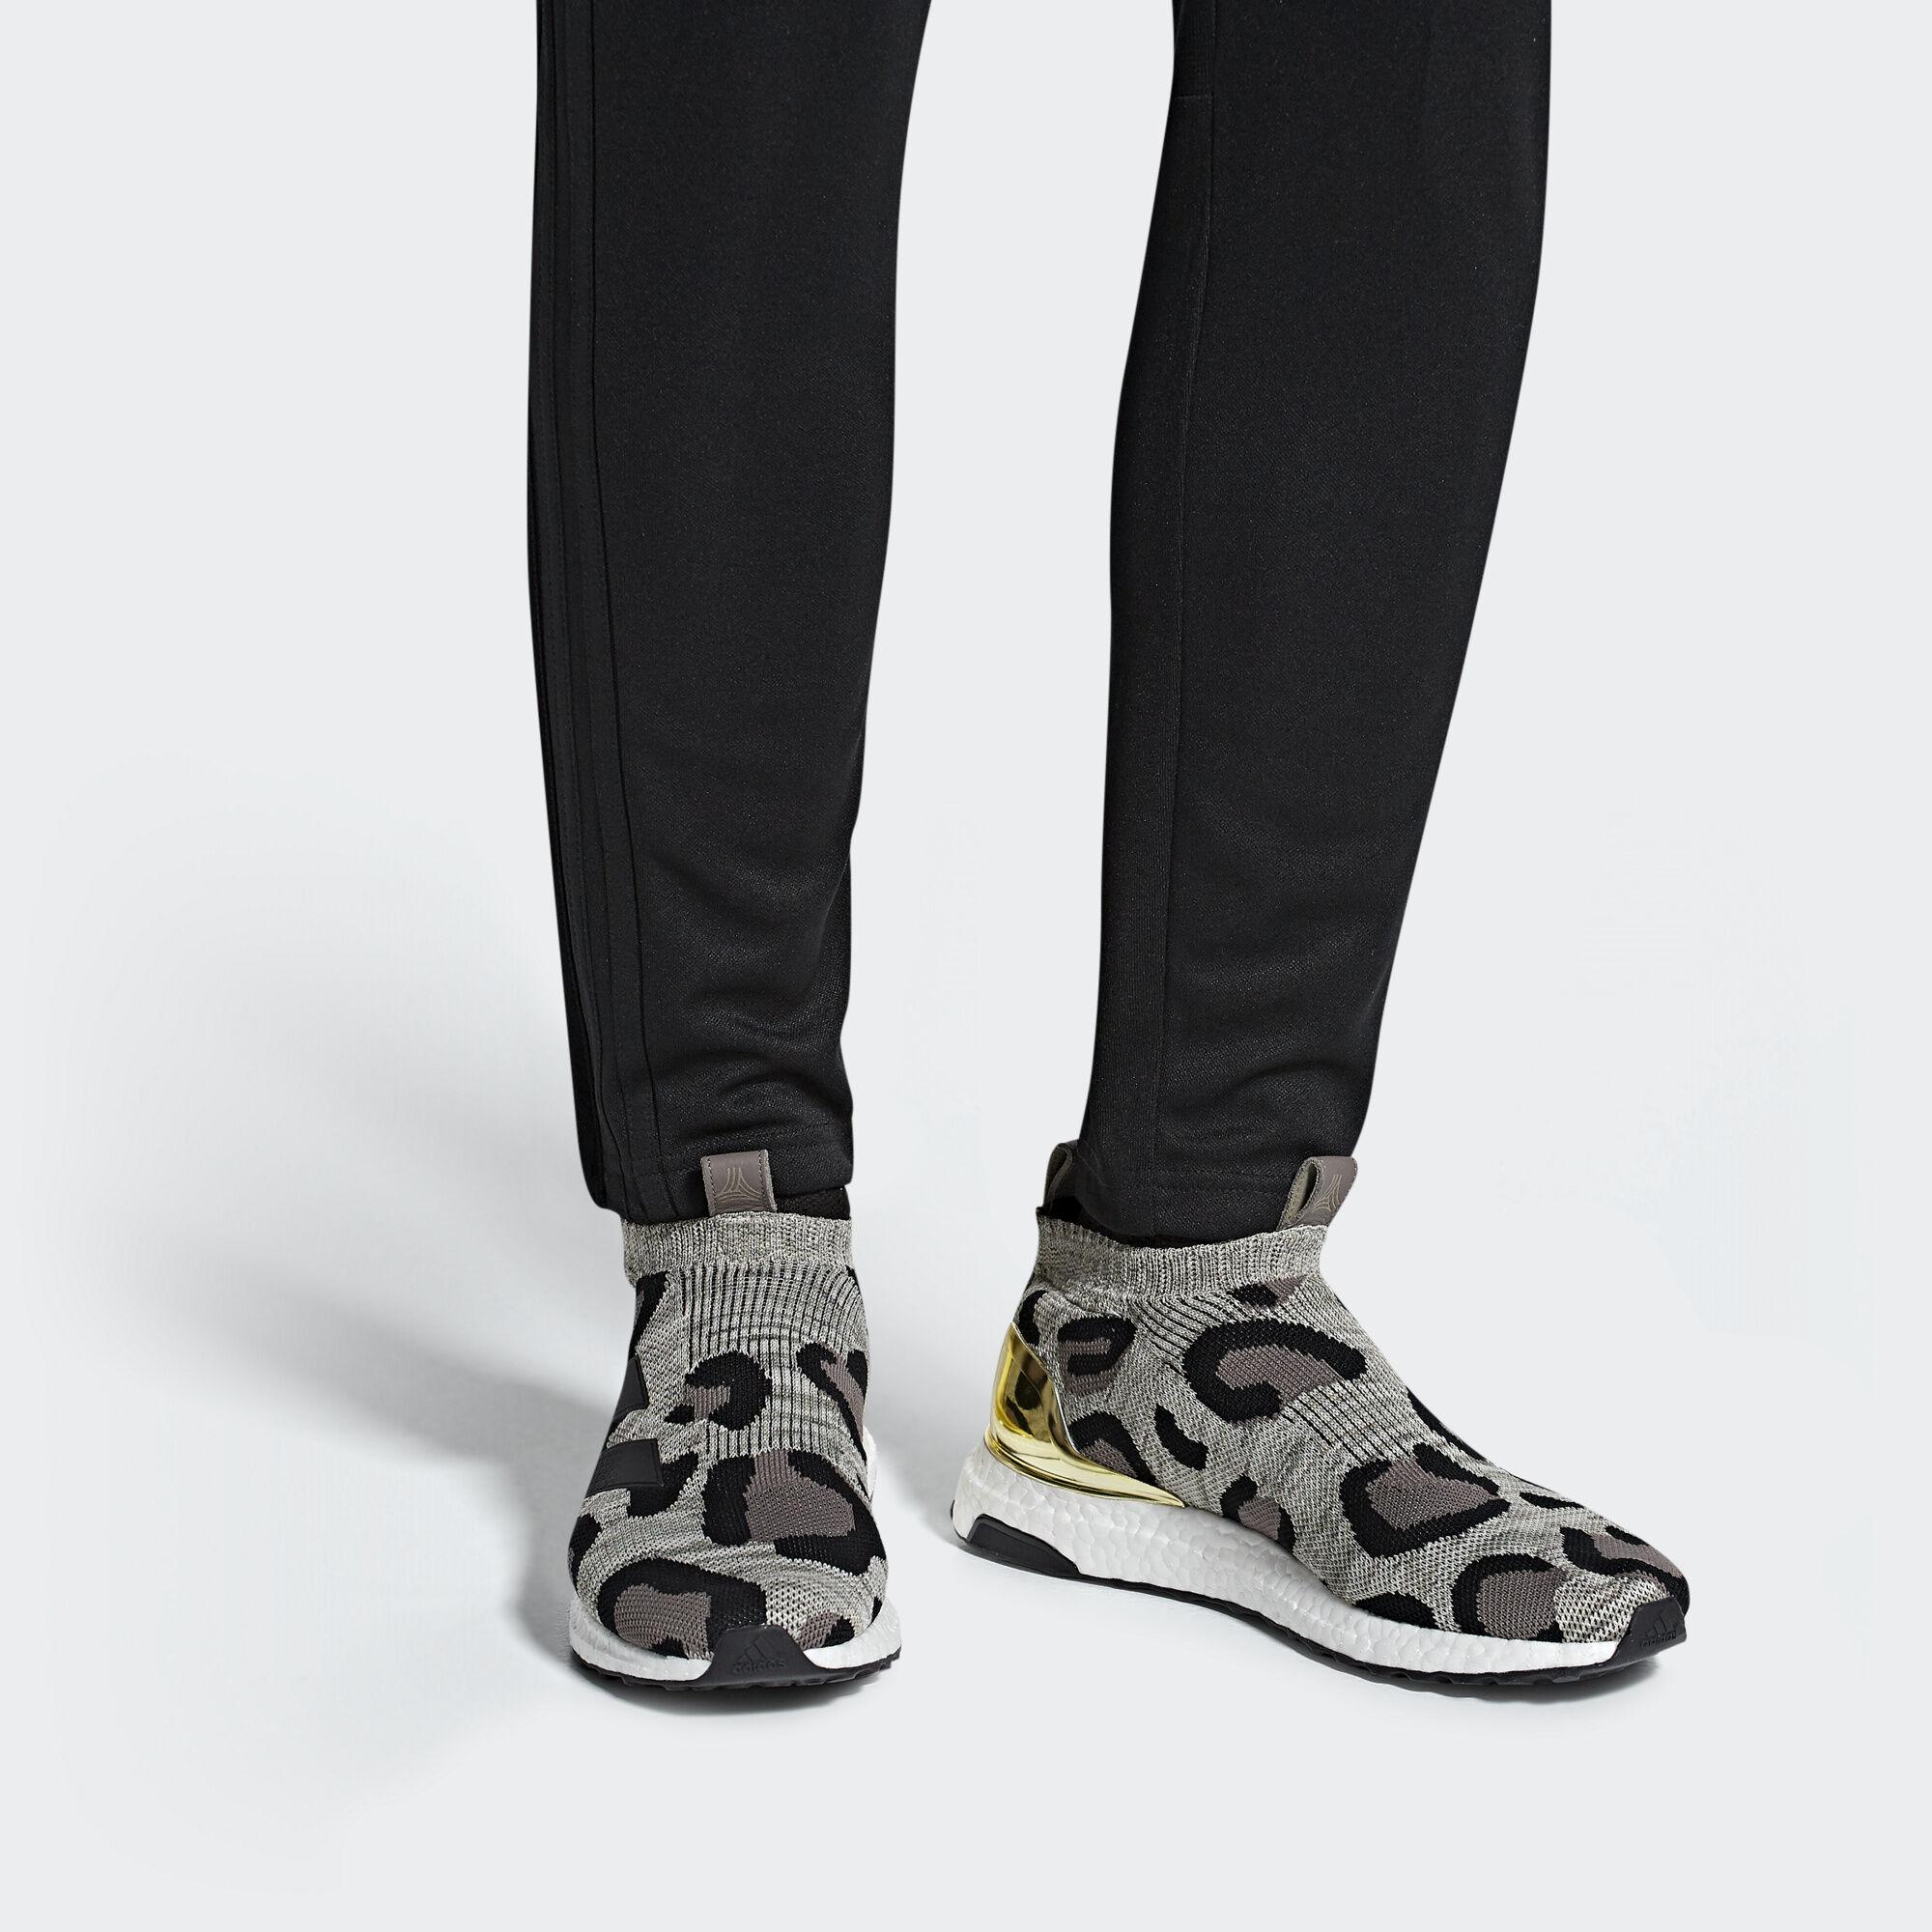 buy popular ac522 1b6da adidas A 16+ UltraBOOST Schuh - schwarz  adidas Deutschland